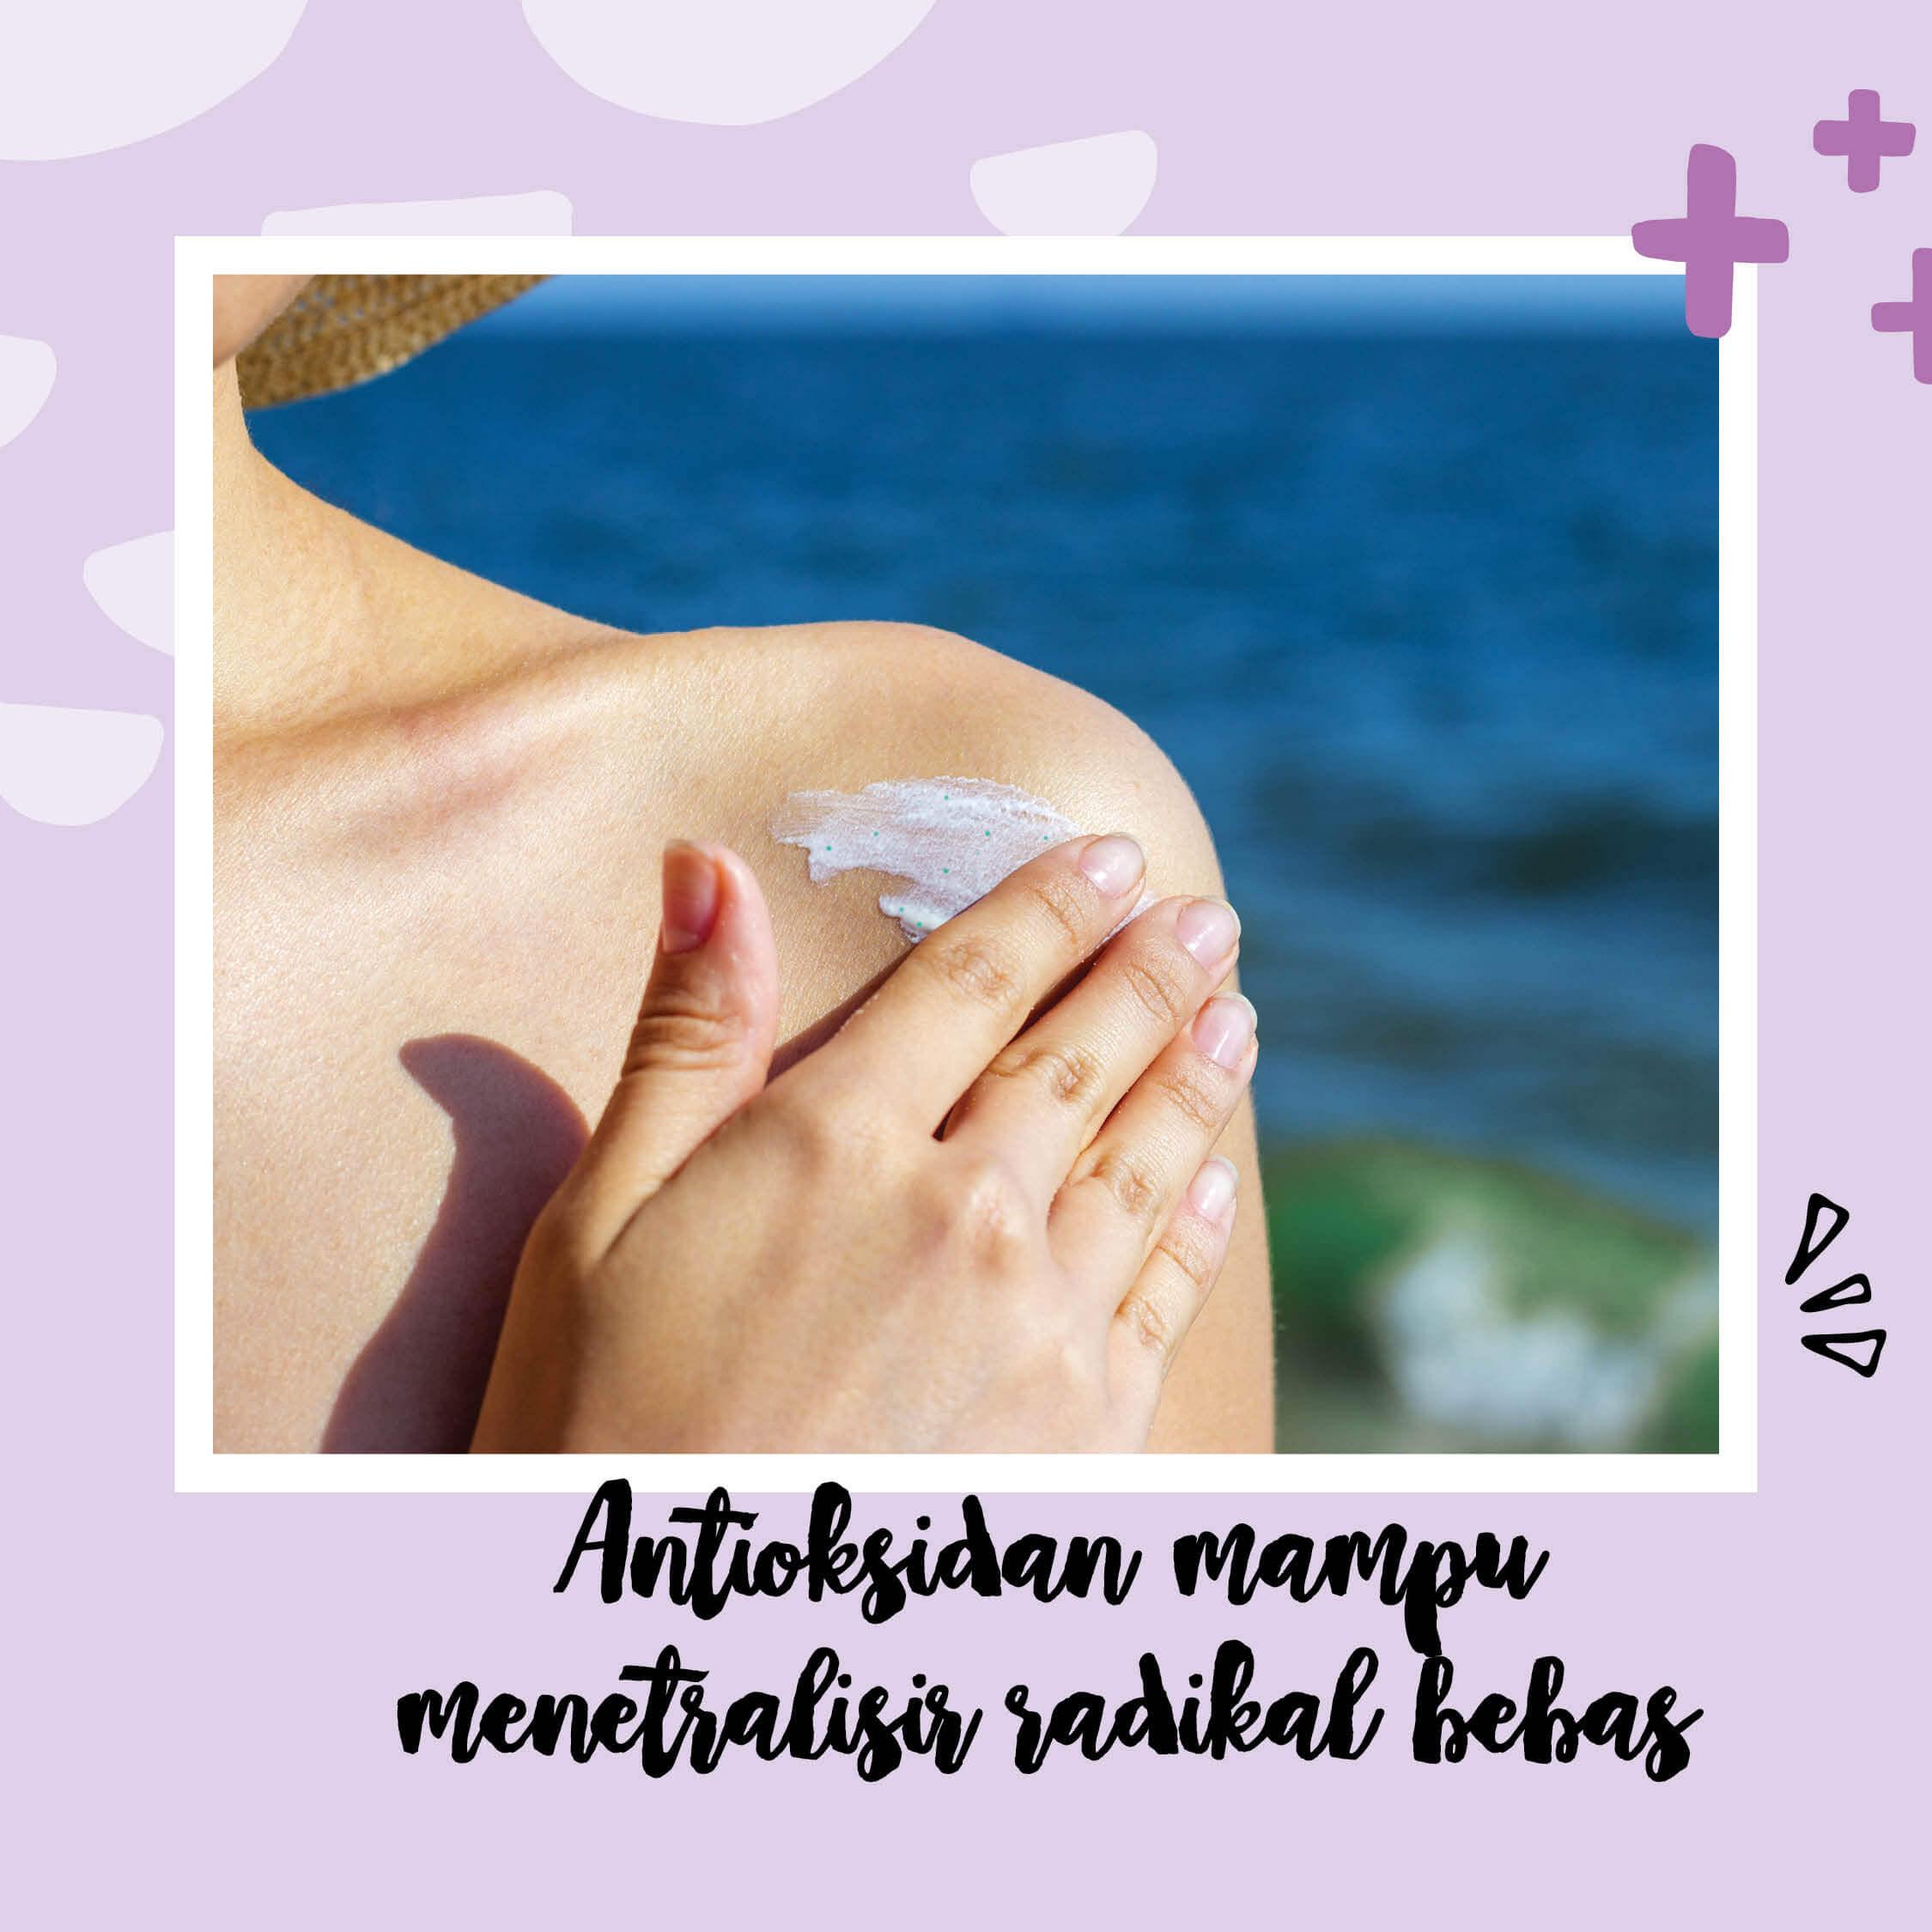 MARINA - Ternyata Antioksidan Sangat Penting untuk Kulitmu. Ini Dia Alasannya!